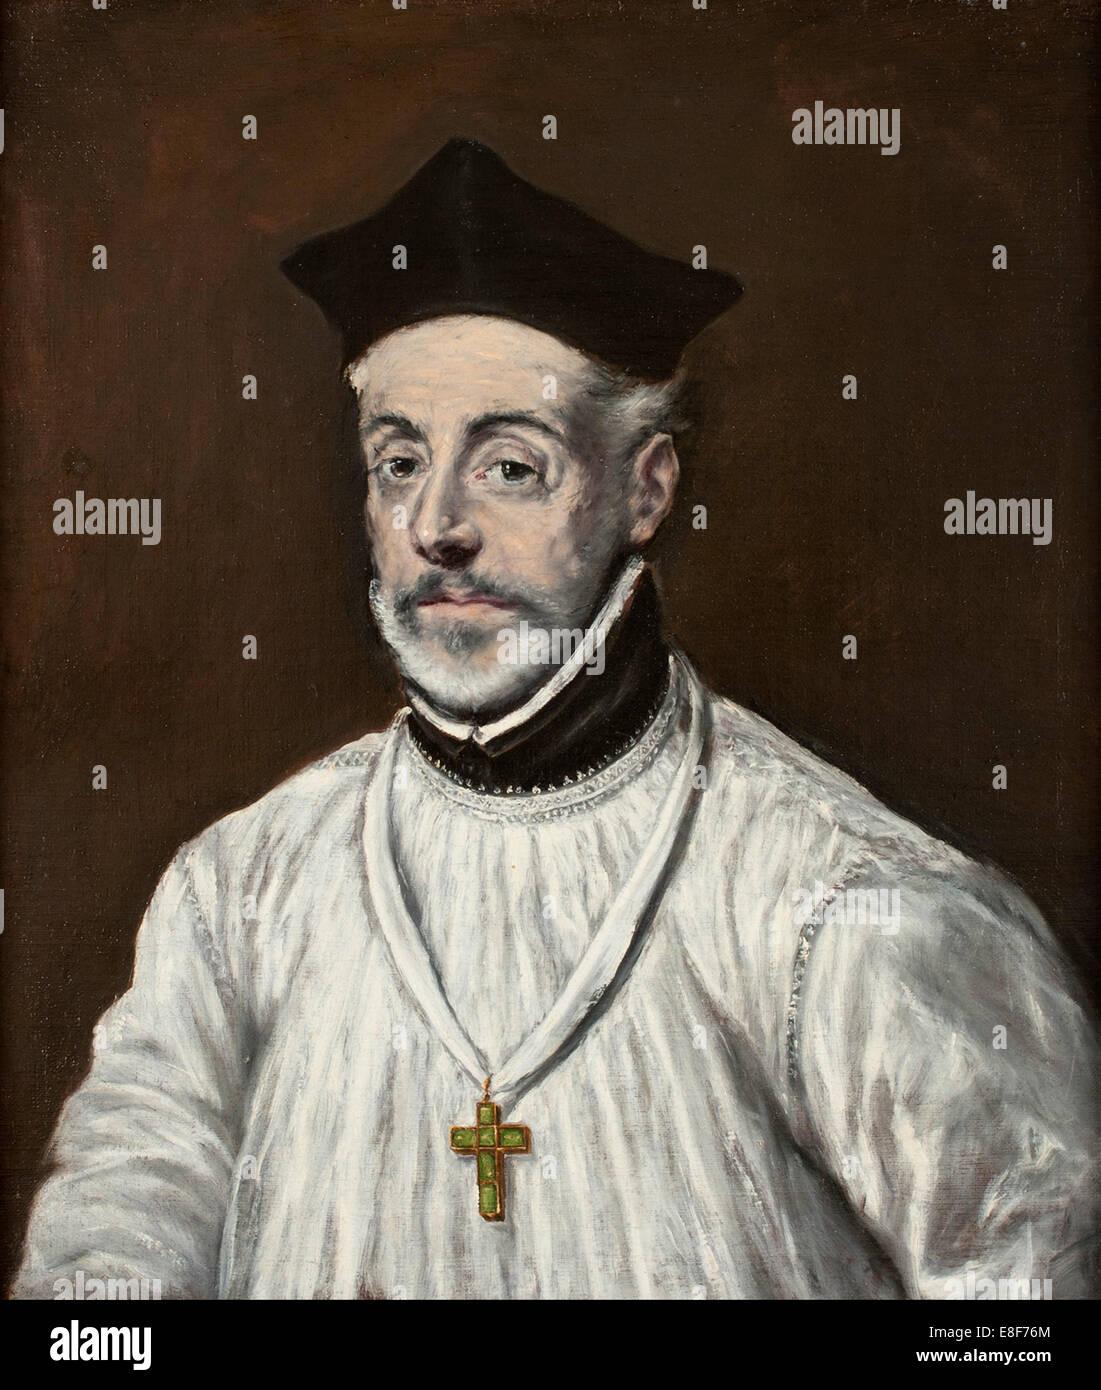 Portrait of Diego de Covarrubias y Leiva. Artist: El Greco, Dominico (1541-1614) - Stock Image